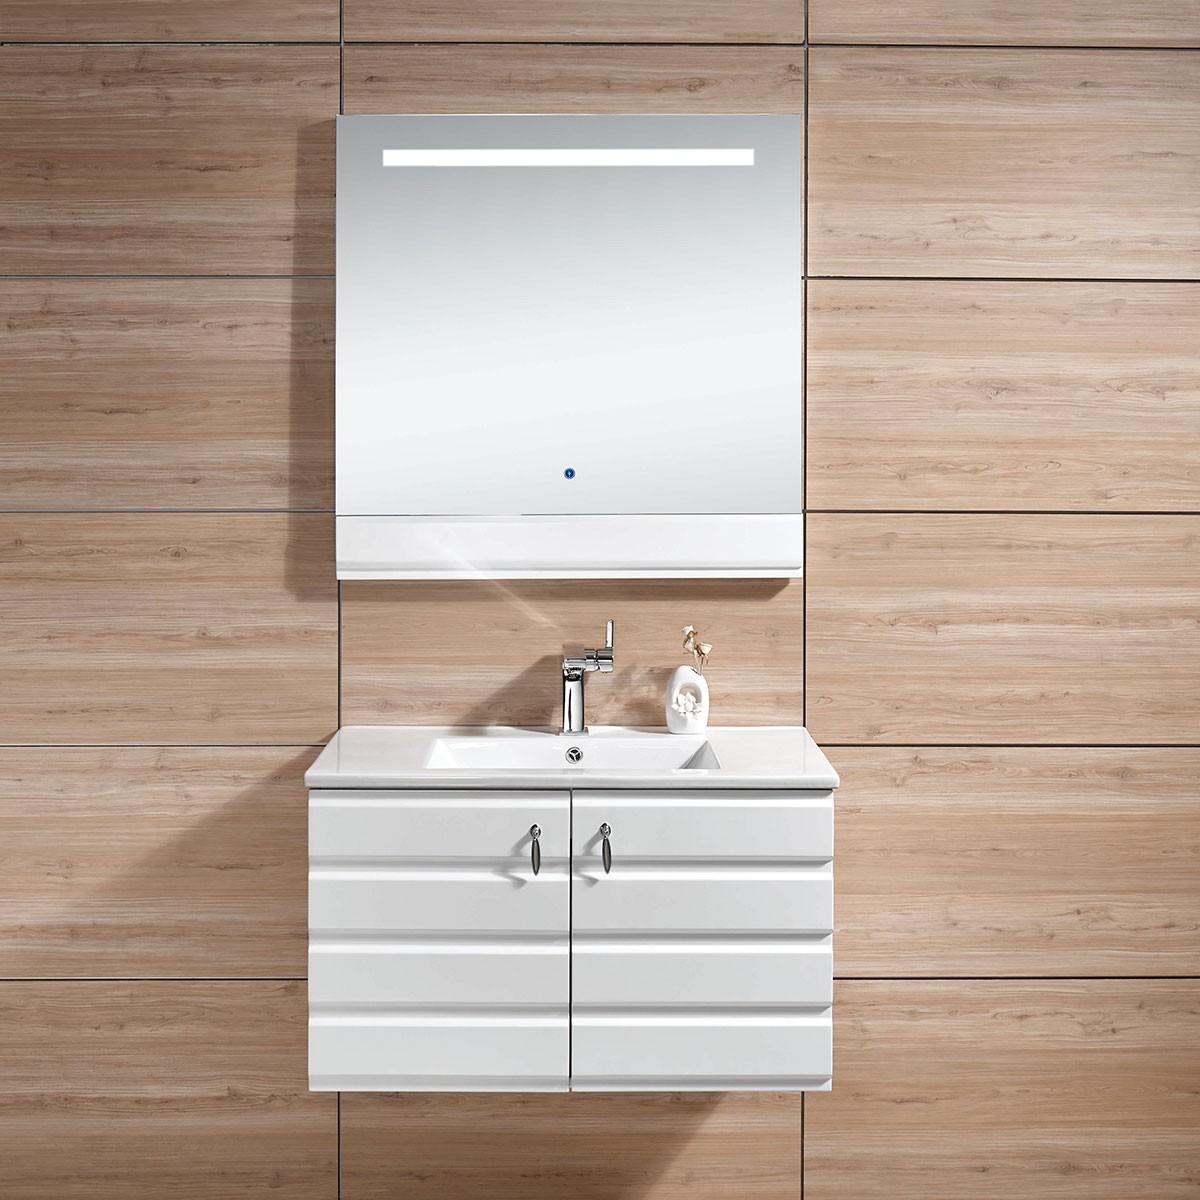 31 In. Wall Mount Bathroom Vanity Set with LED Mirror (DK-613800-SET)